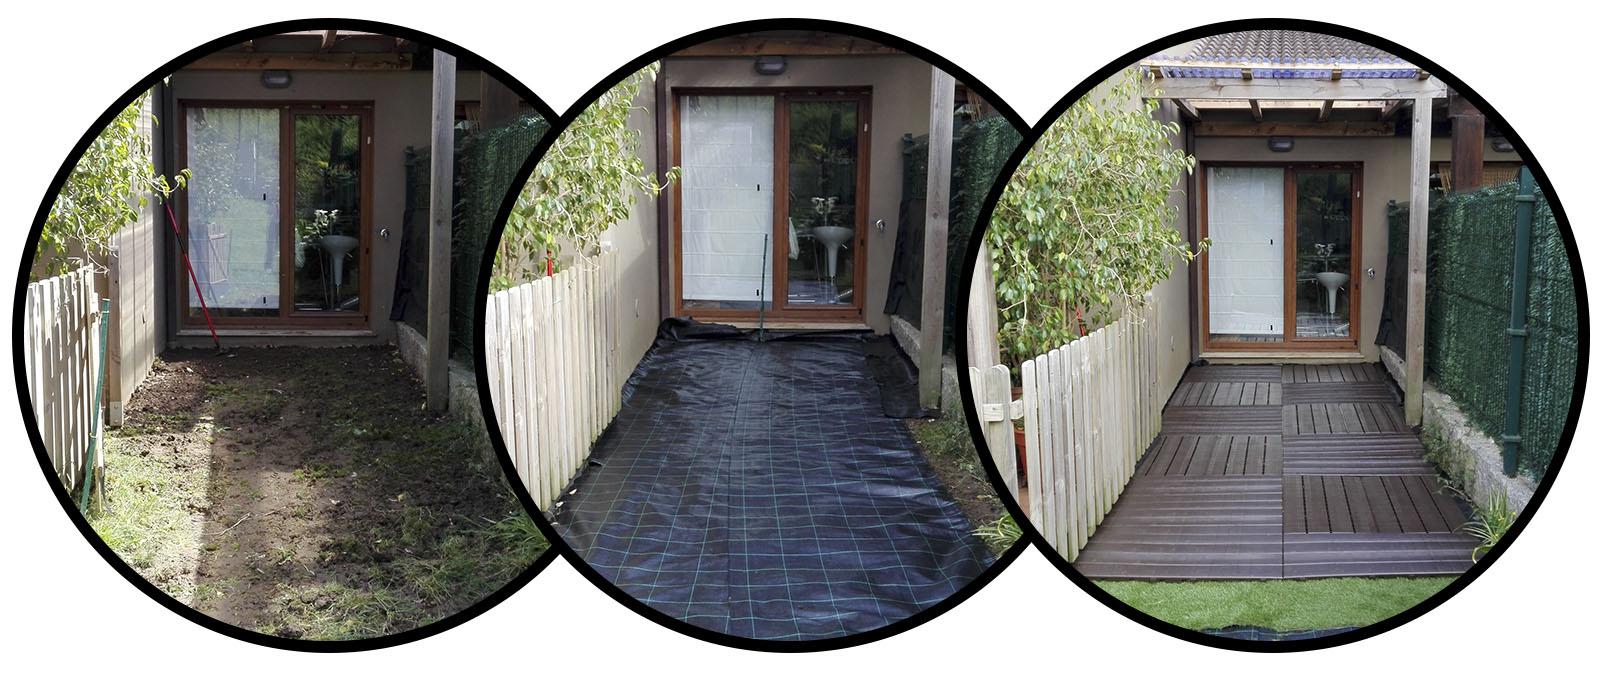 Suelos de exterior precios great suelo resina cocina with - Suelos de resina para exterior ...